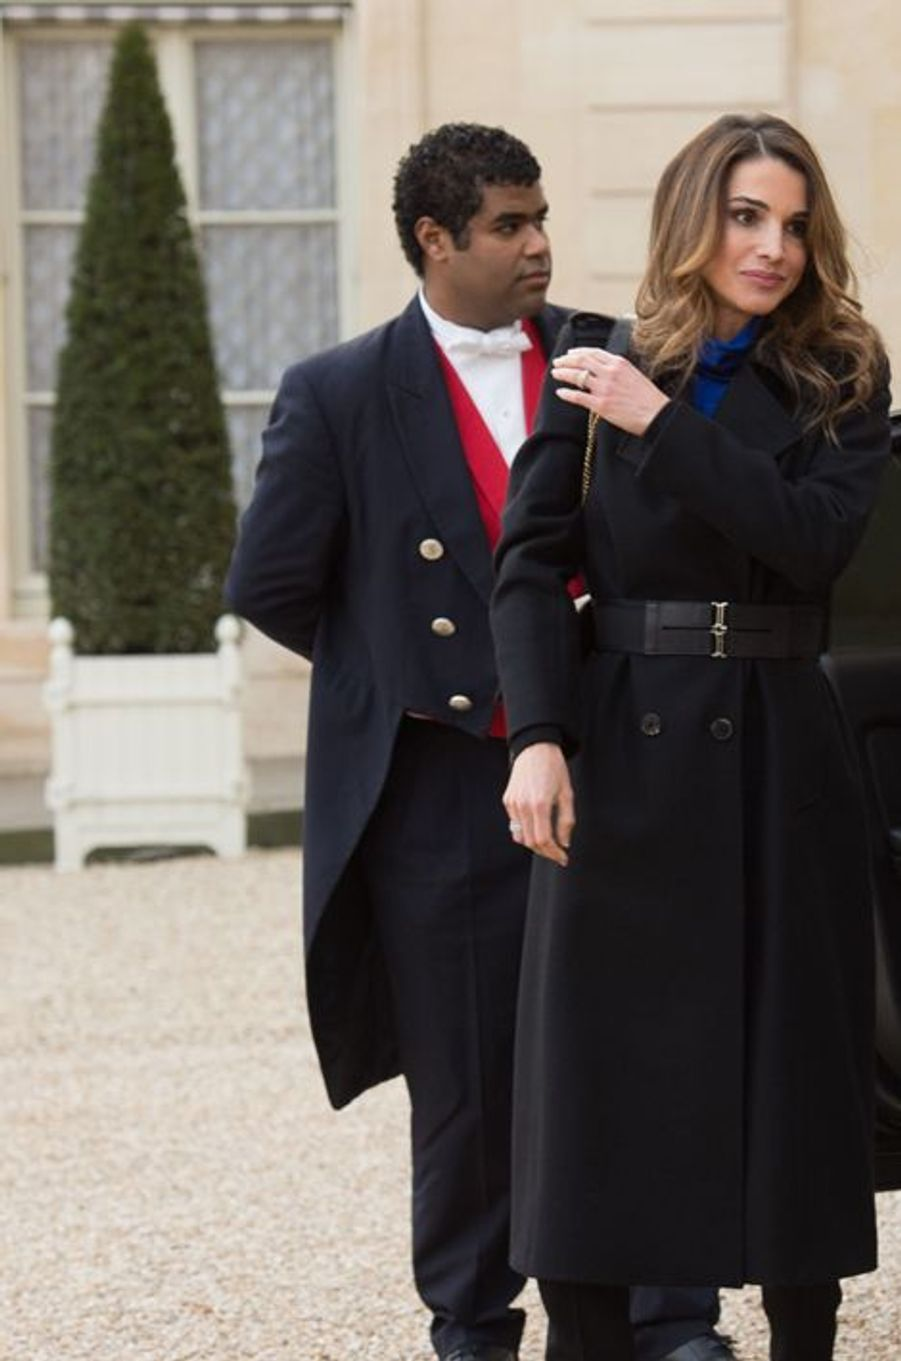 La reine Rania arrive à l'Elysée à Paris, le 11 janvier 2015